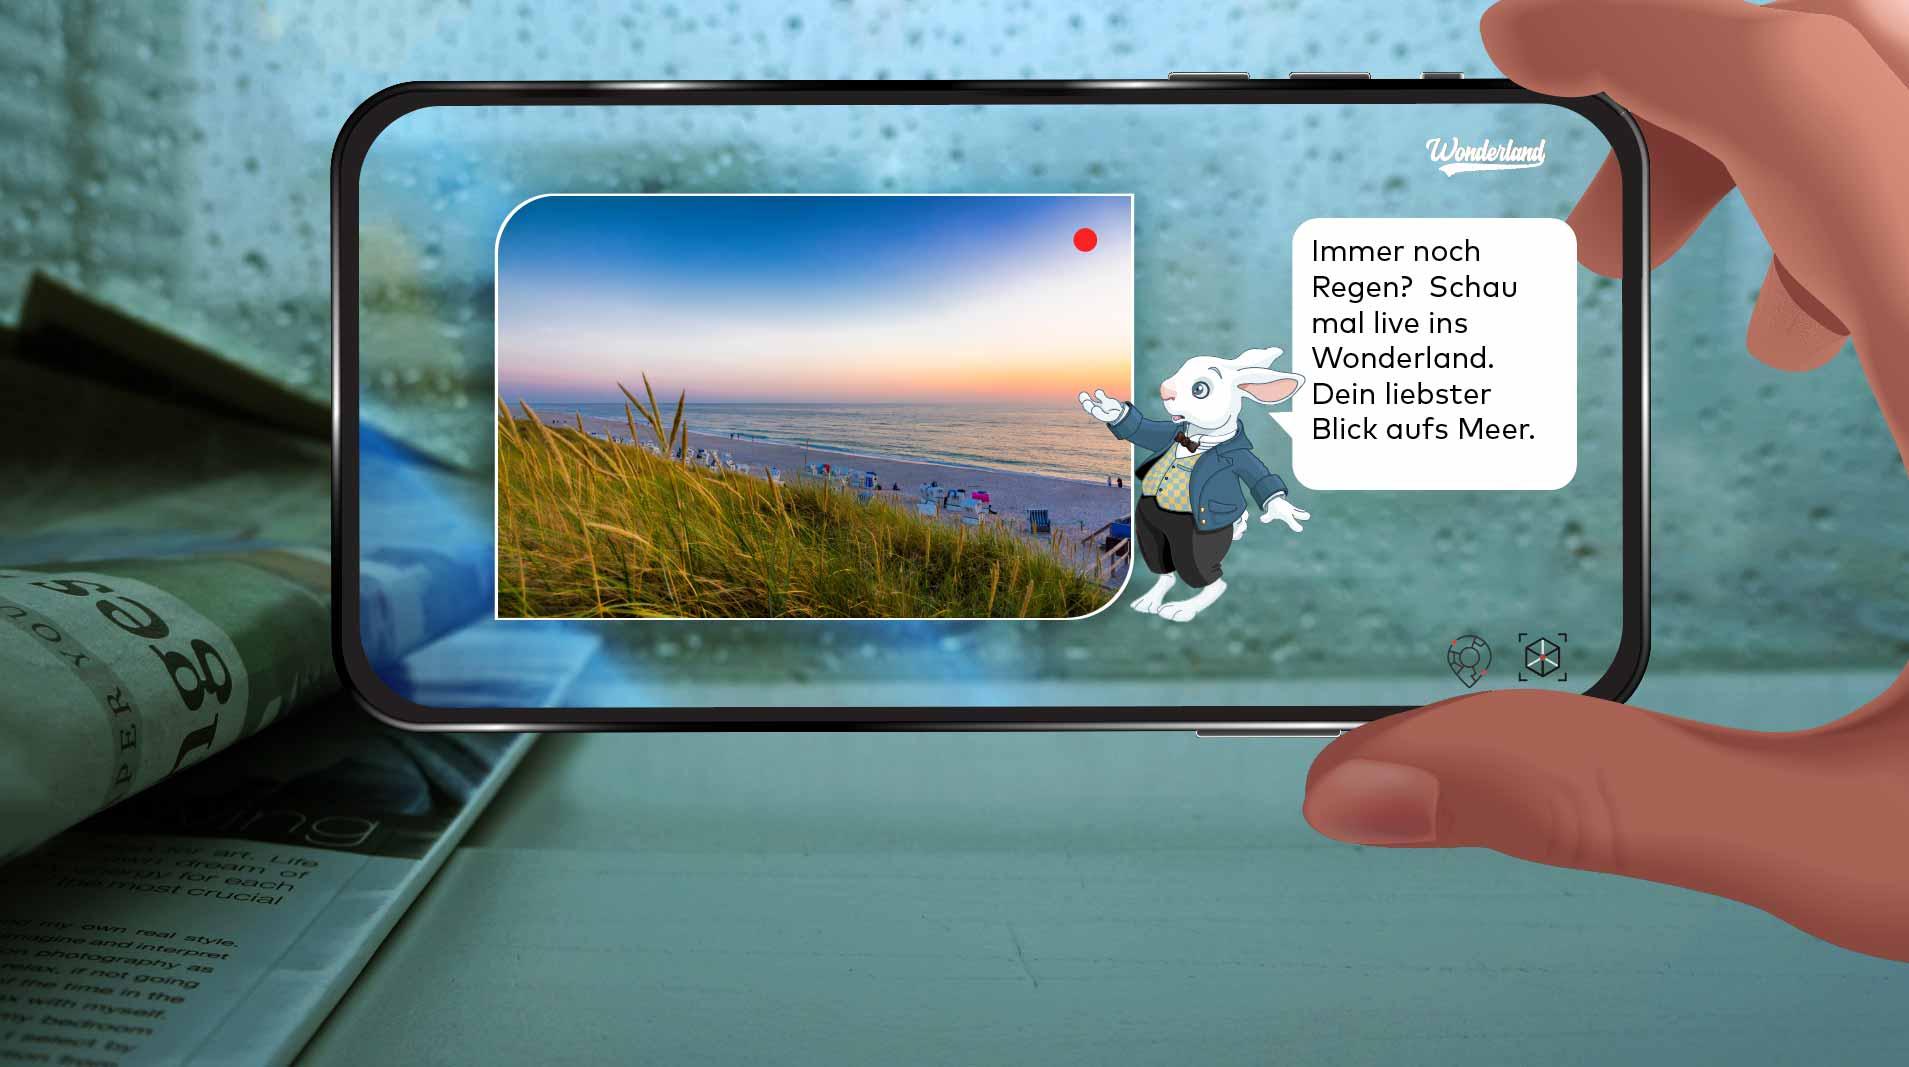 Augmented Reality von Chatbots, Messenger und Sprachassistenten im Tourismus